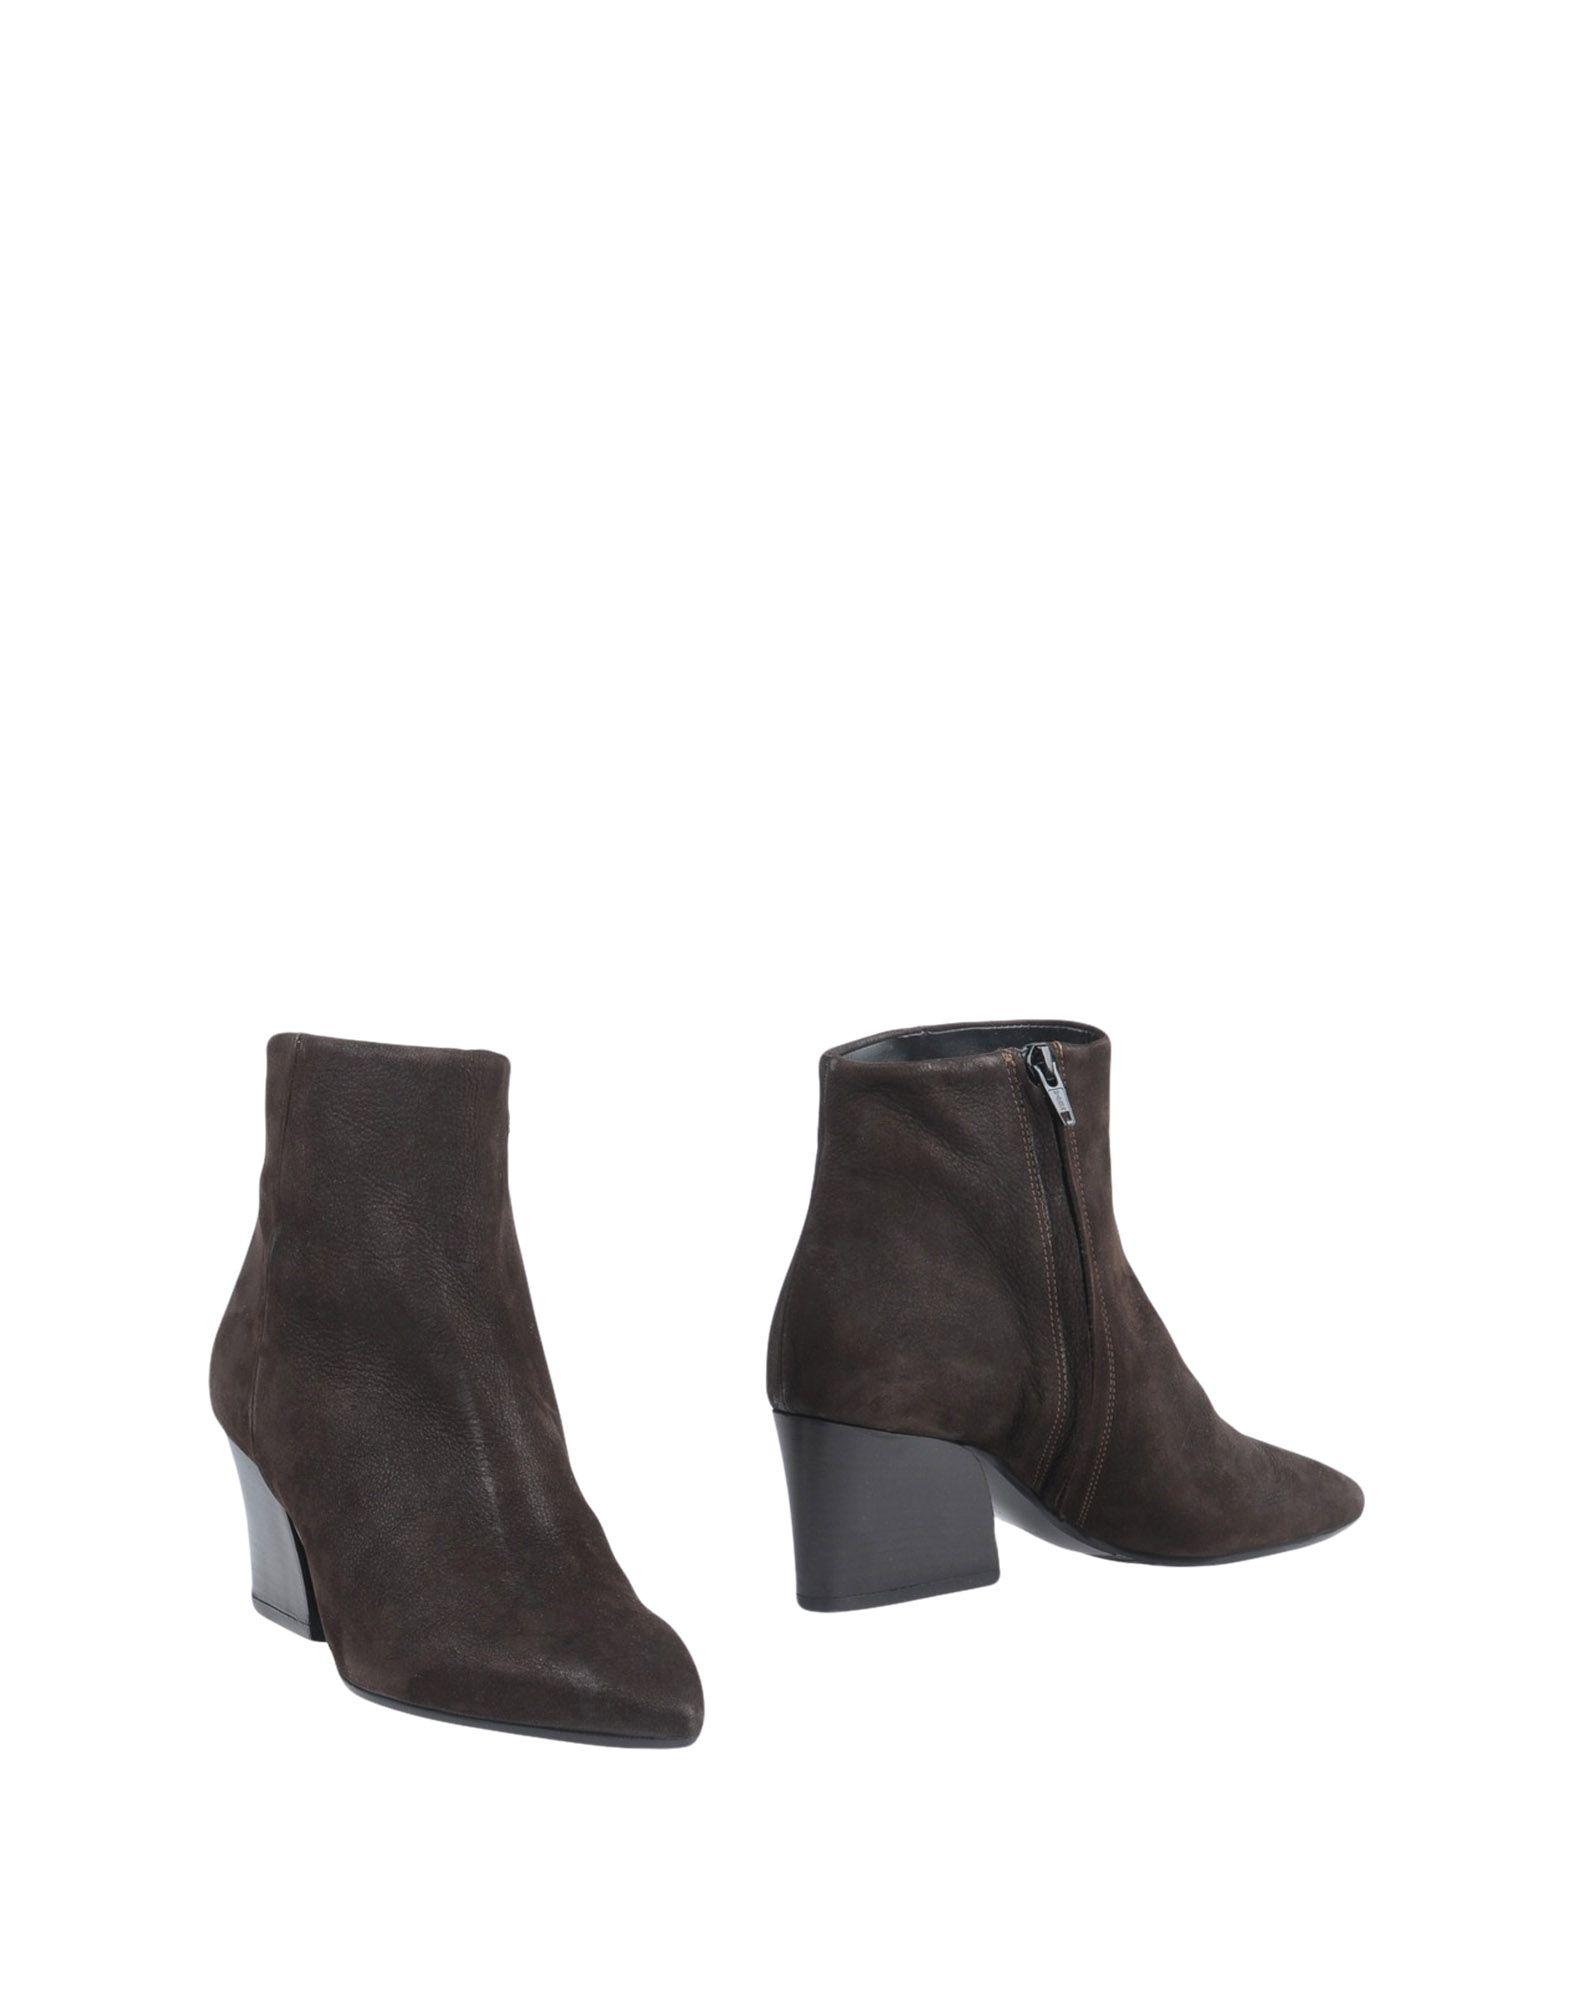 Casanovas Stiefelette Damen  11318537OG Gute Qualität beliebte Schuhe